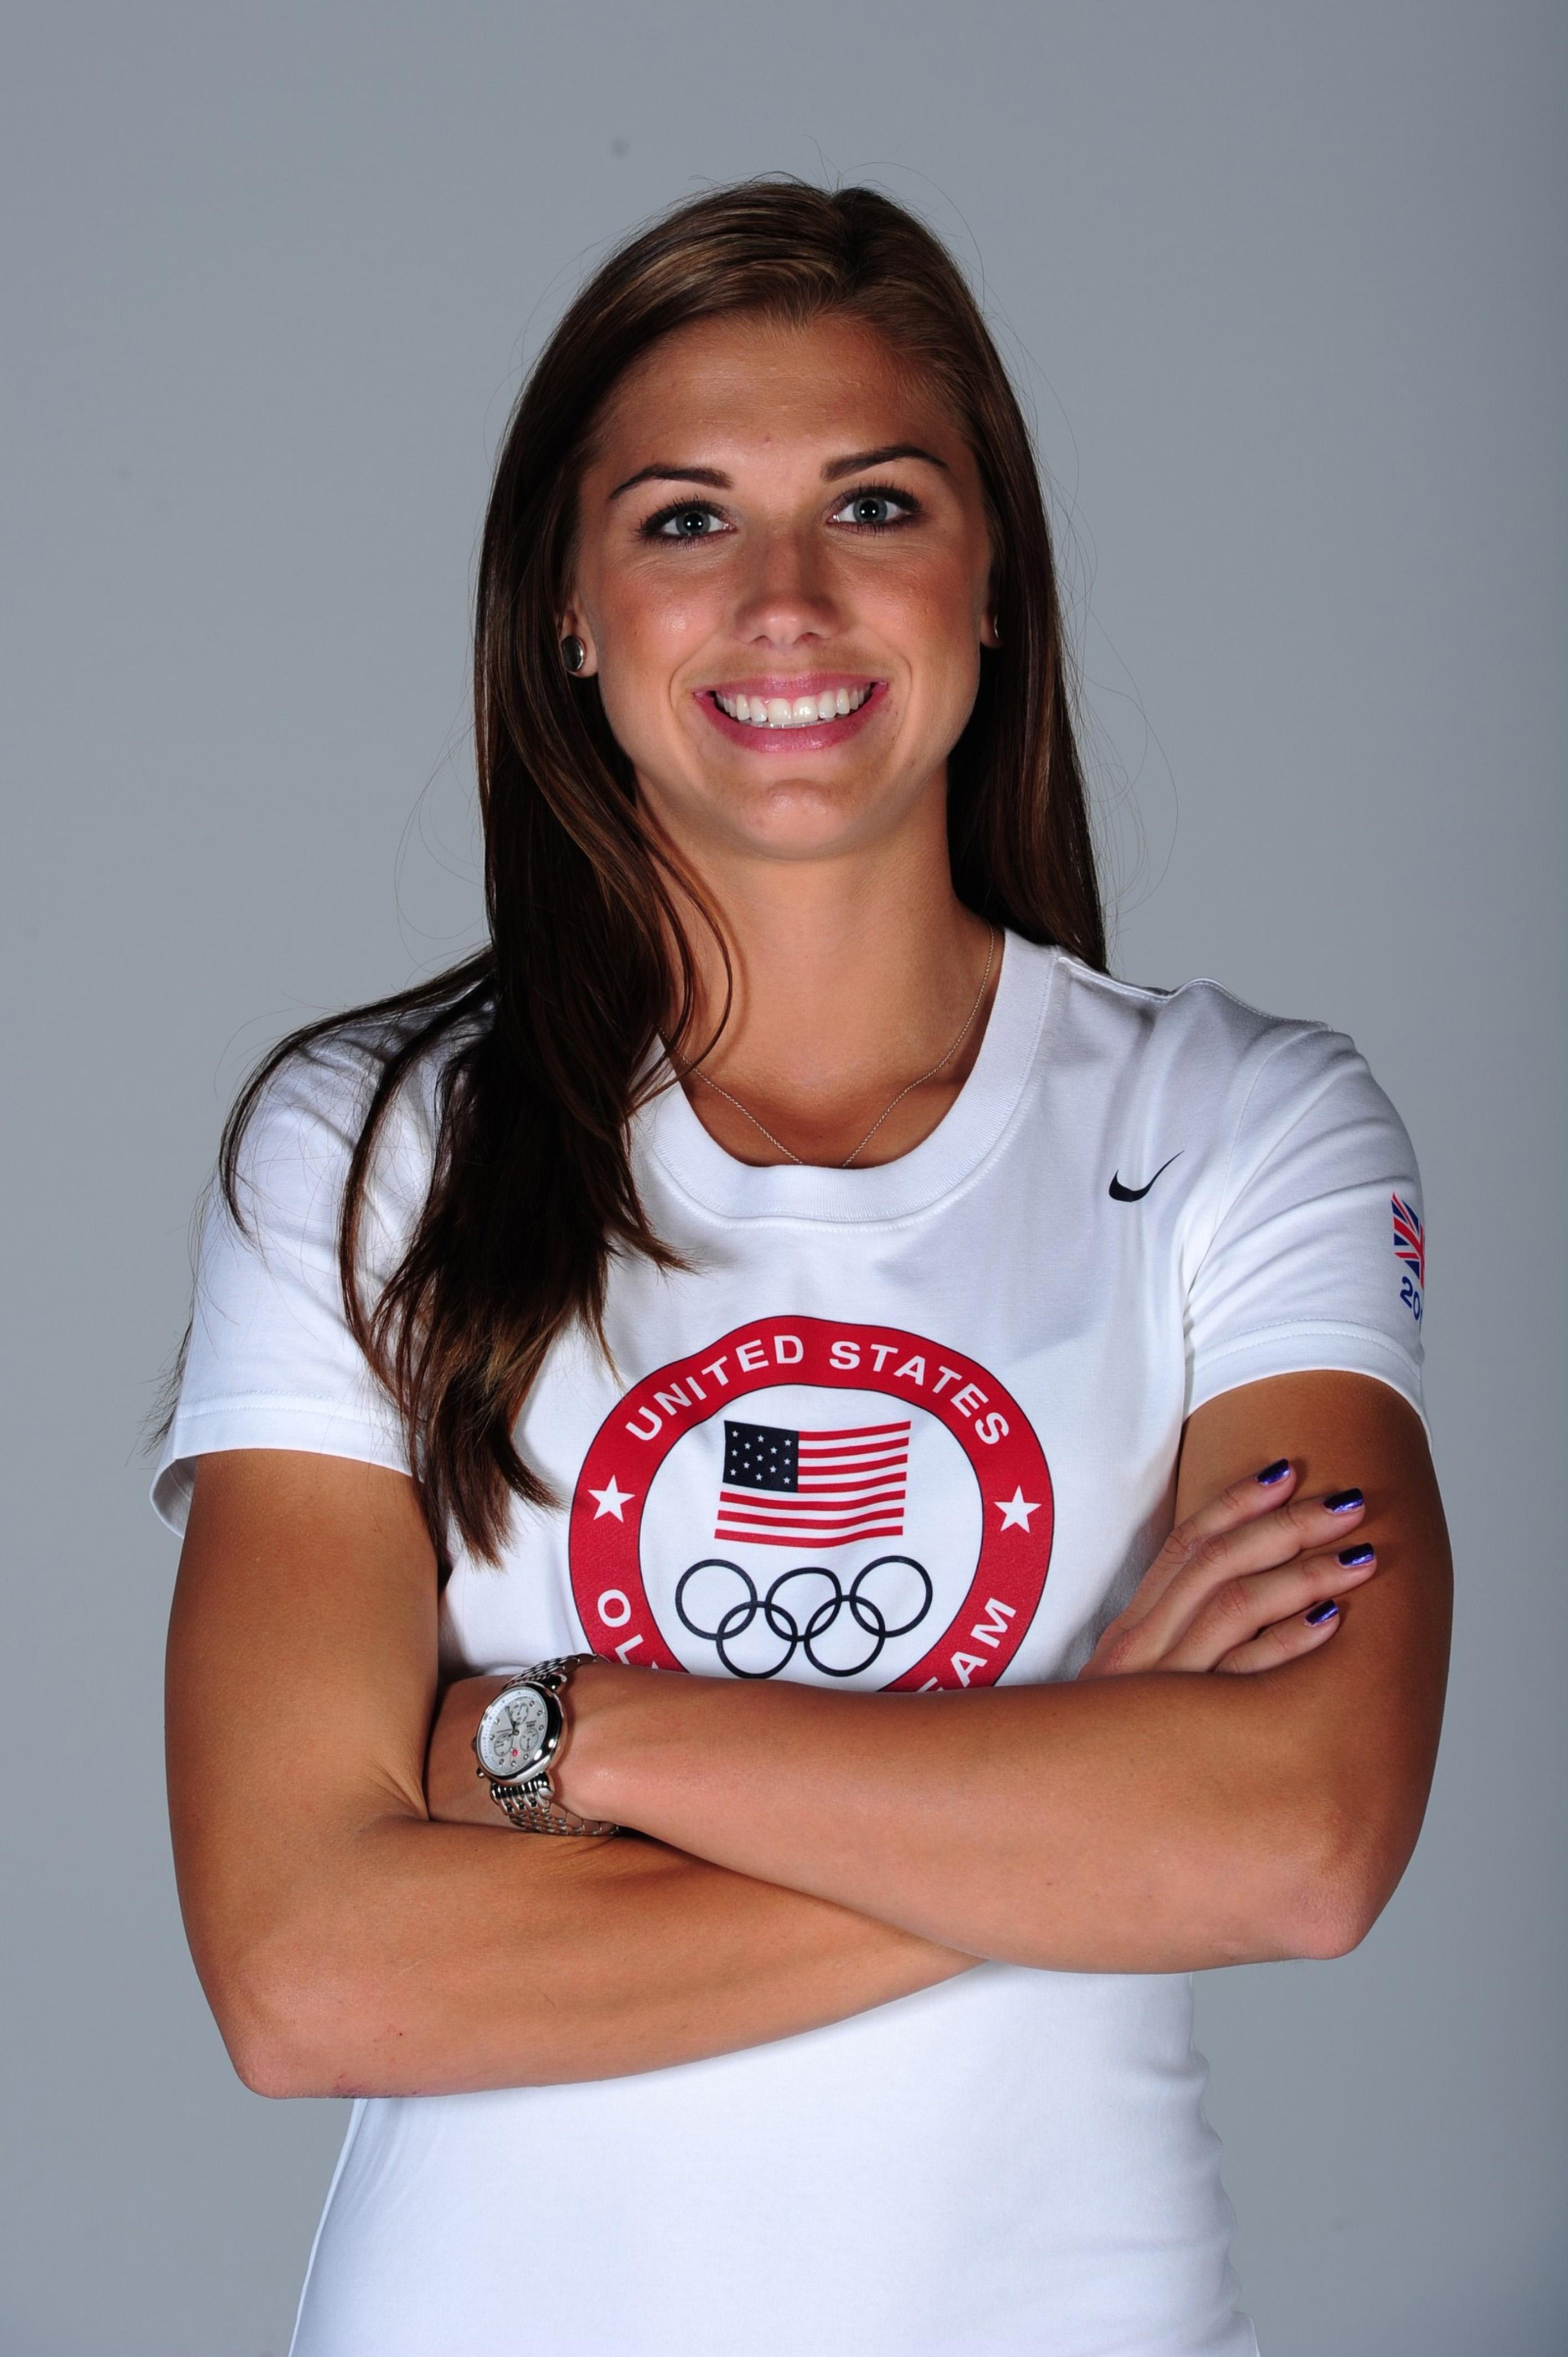 Digitalminx.com - Athletes - Alex Morgan Alex Morgan Olympics